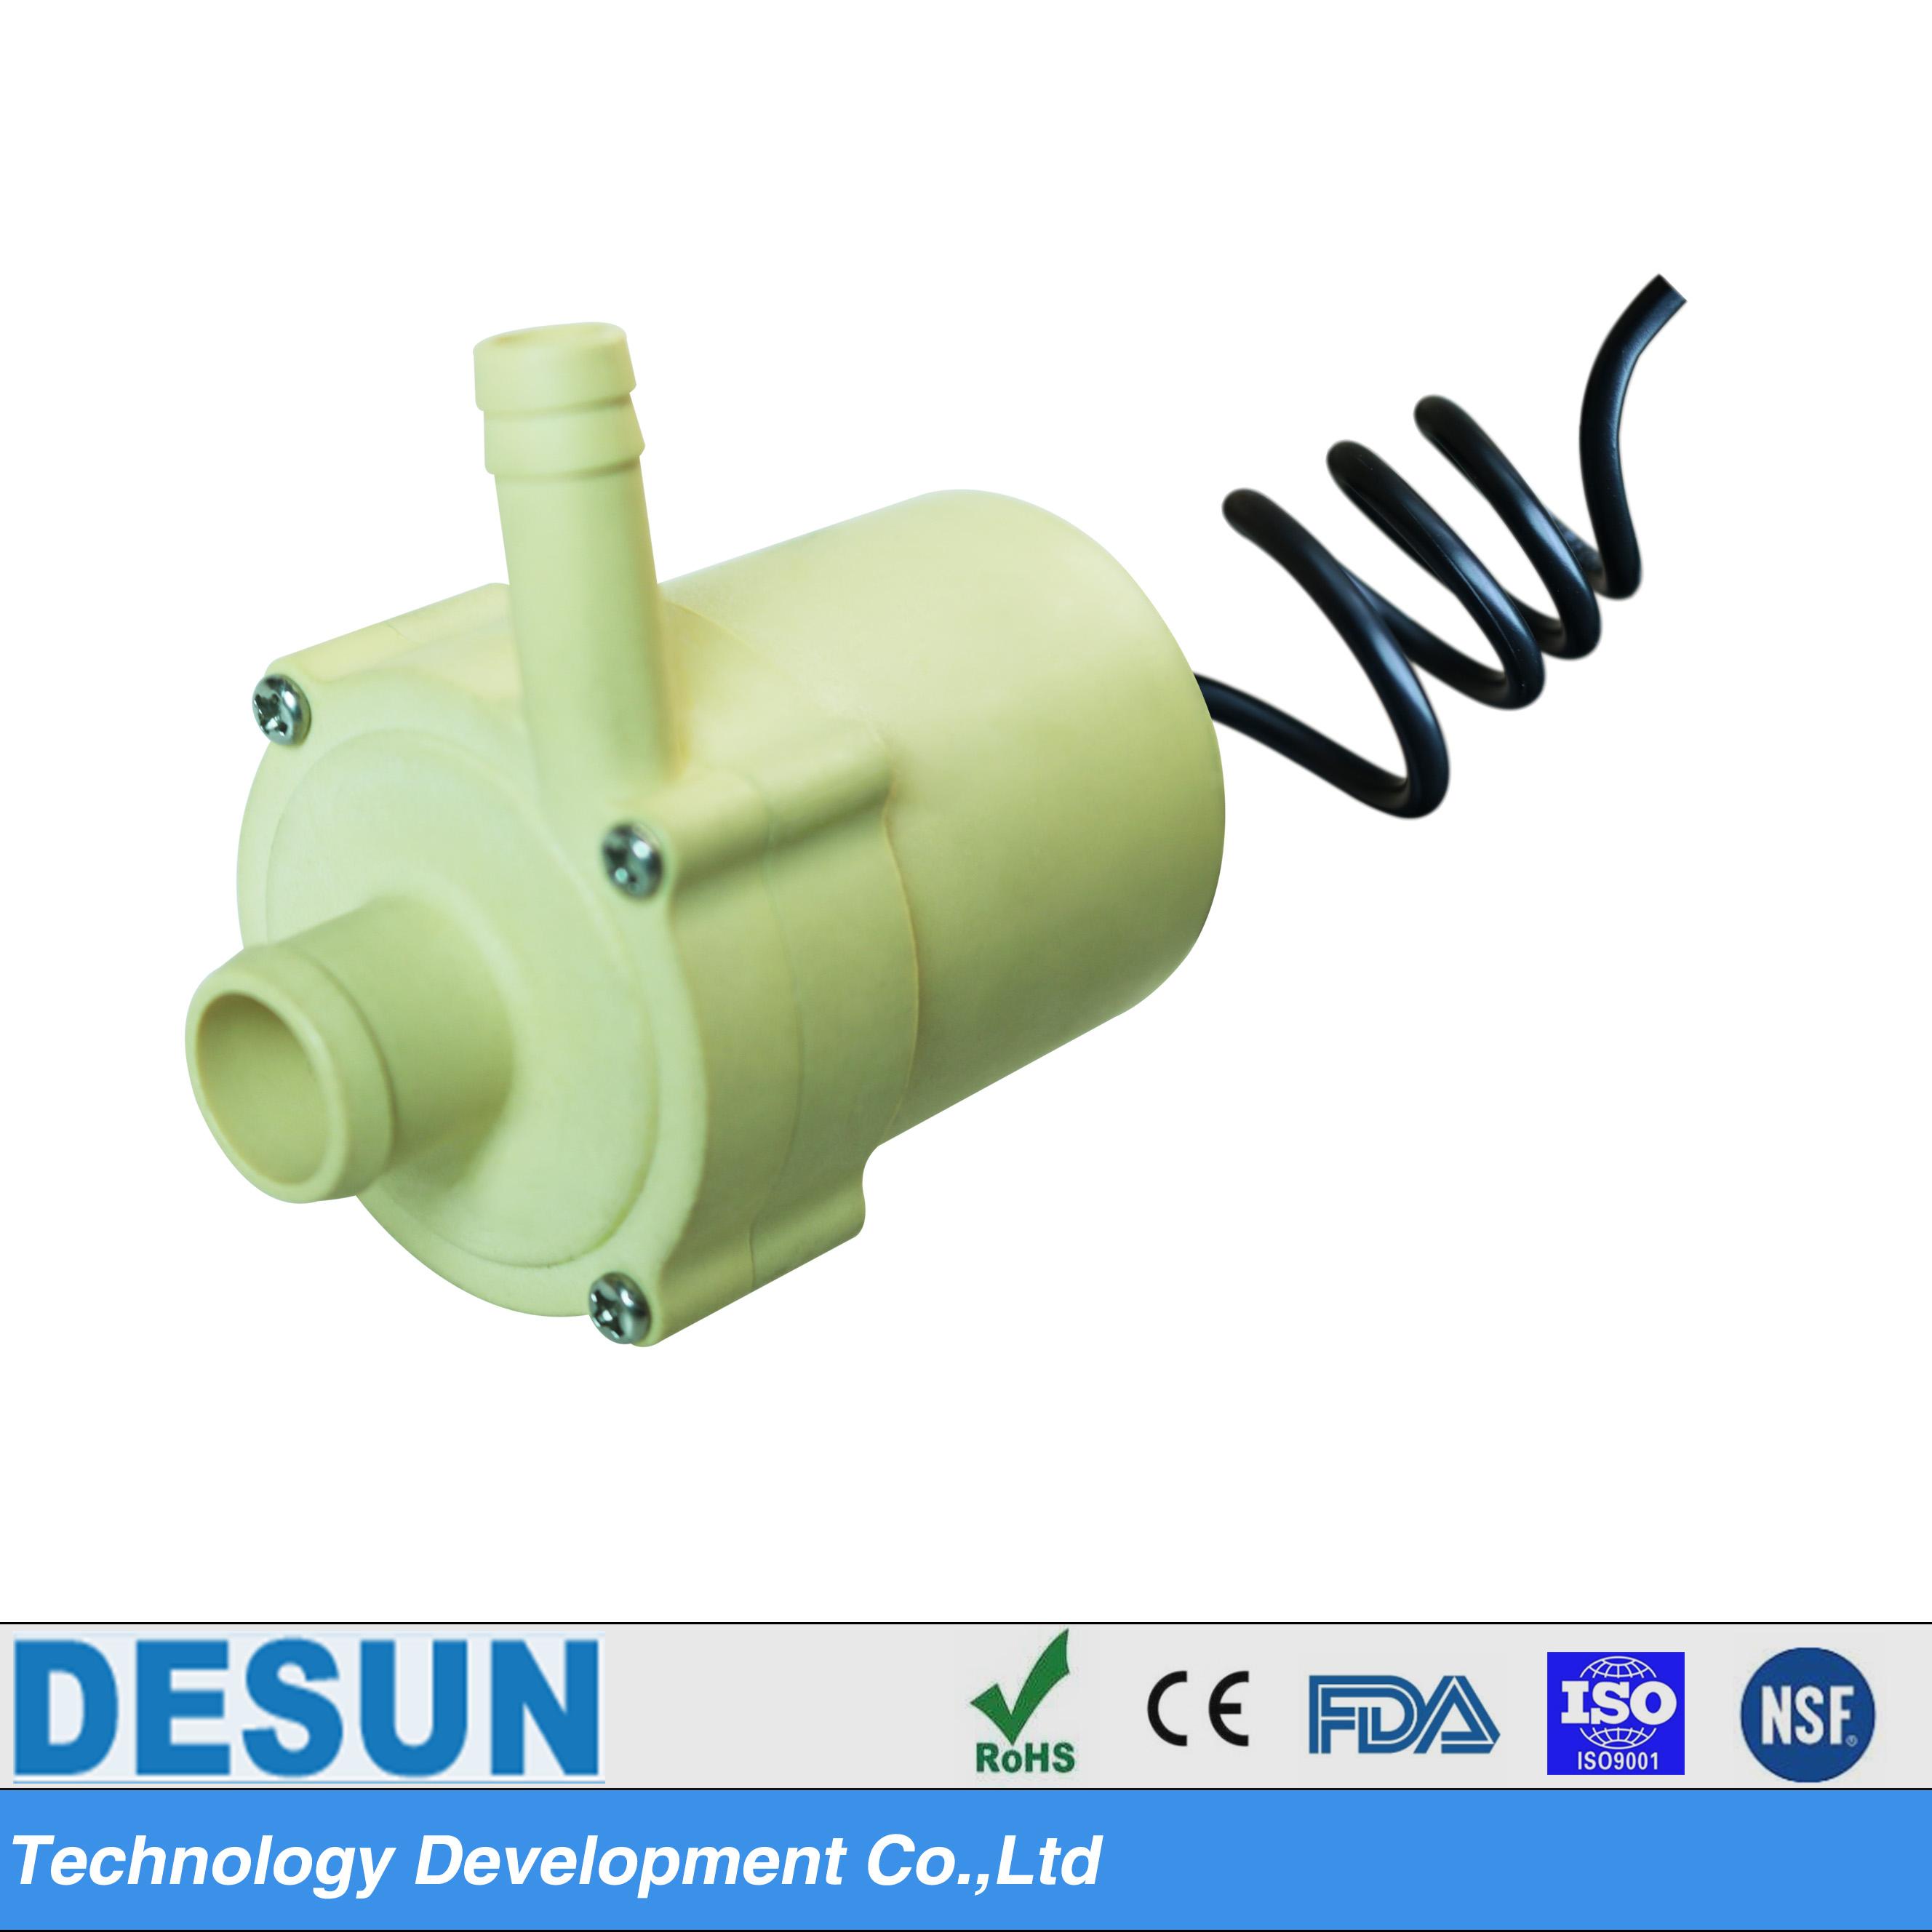 微型食品级直流水泵DS4501H